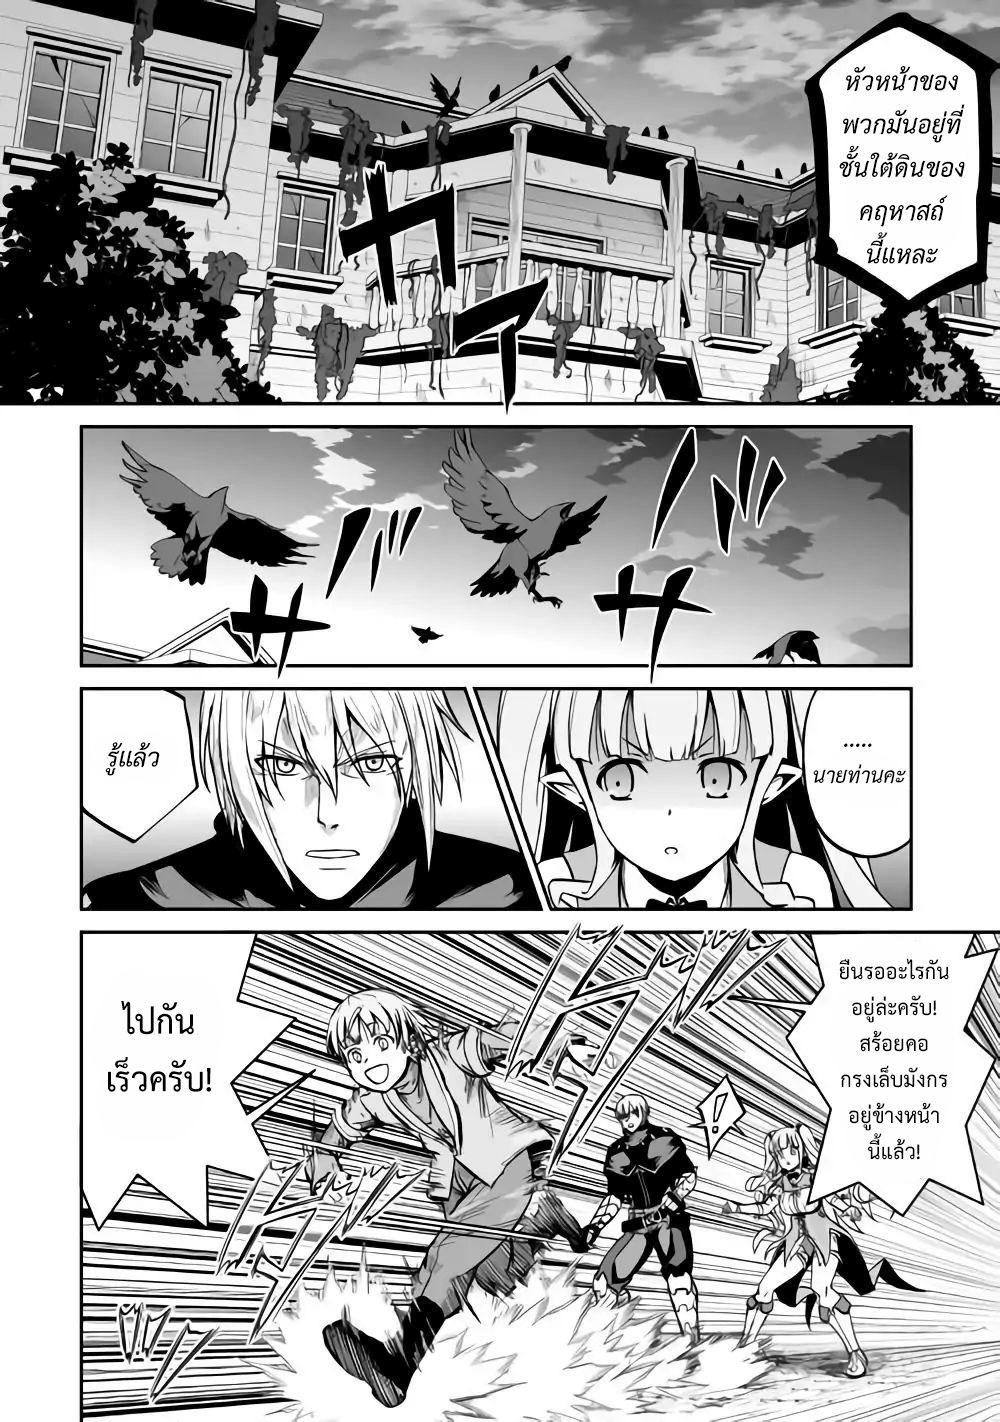 อ่านการ์ตูน Jaryuu Tensei ตอนที่ 20.2 หน้าที่ 4